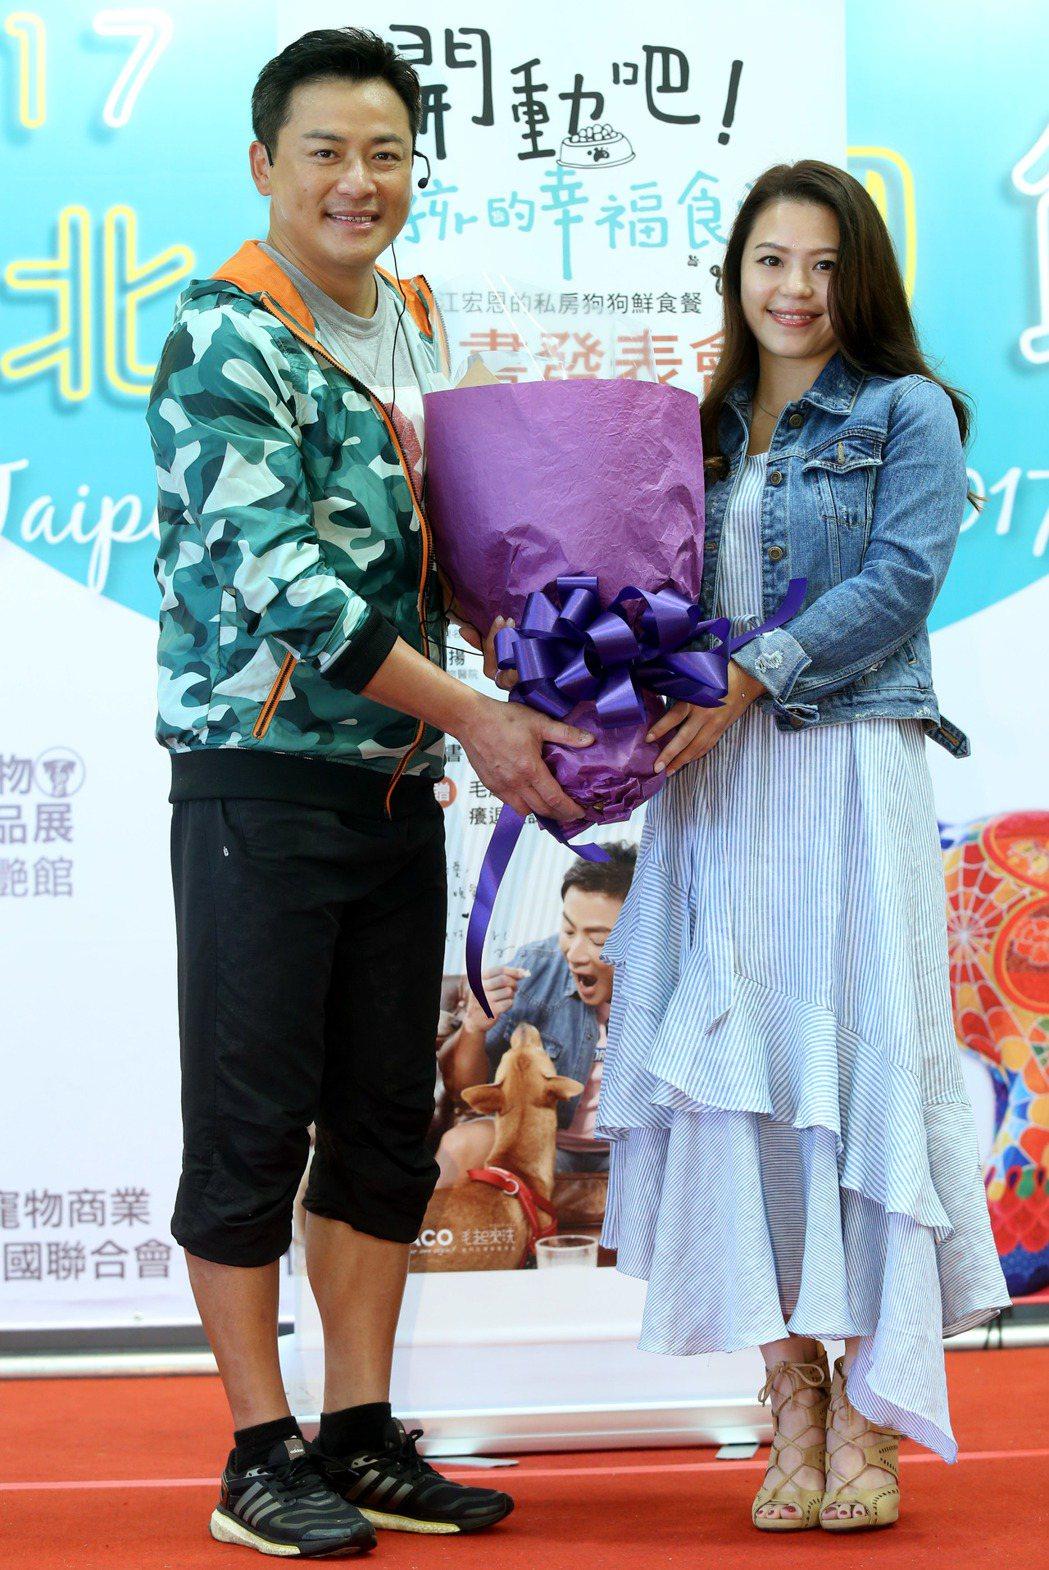 藝人江宏恩今天在台北寵物生活用品展為新書站台,示範寵物料理,女友段小姐Vanes...